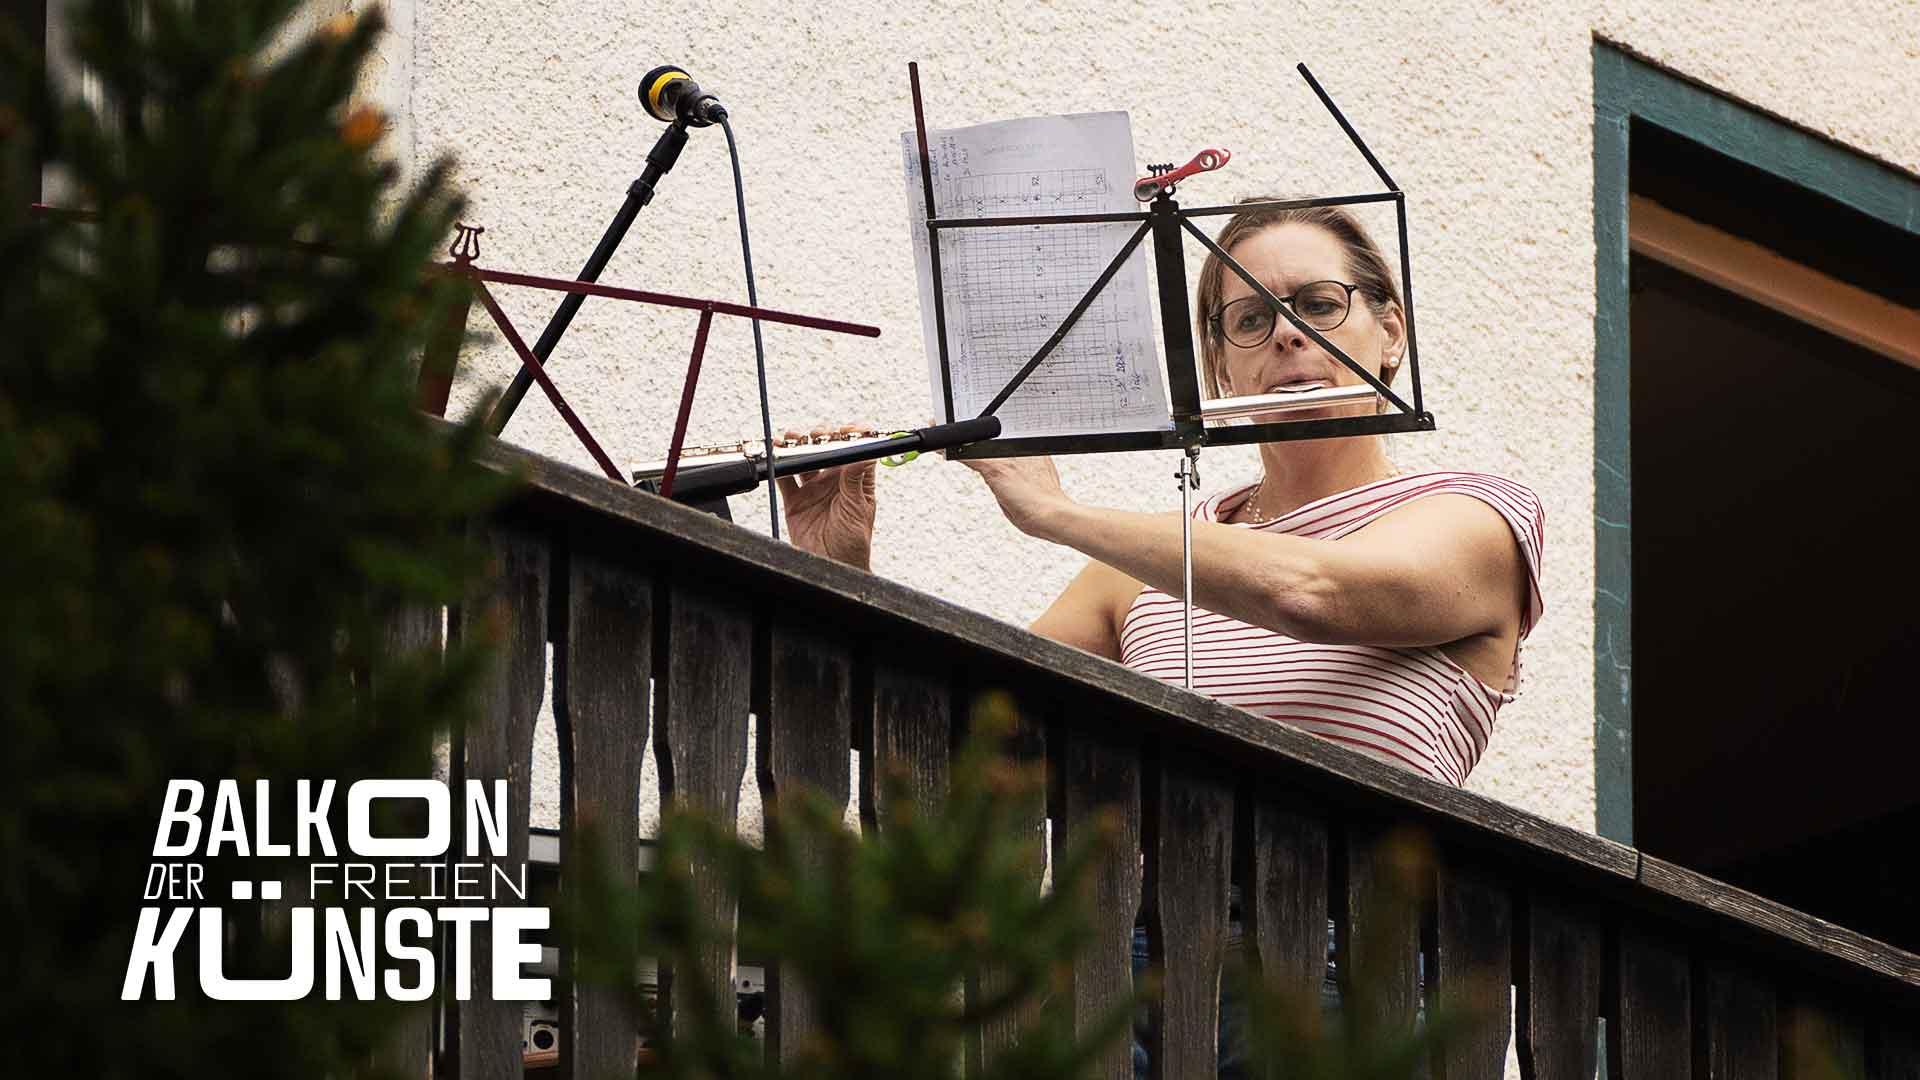 Flötistin Kirsten Grotemeyer auf dem Balkon der freien Künste